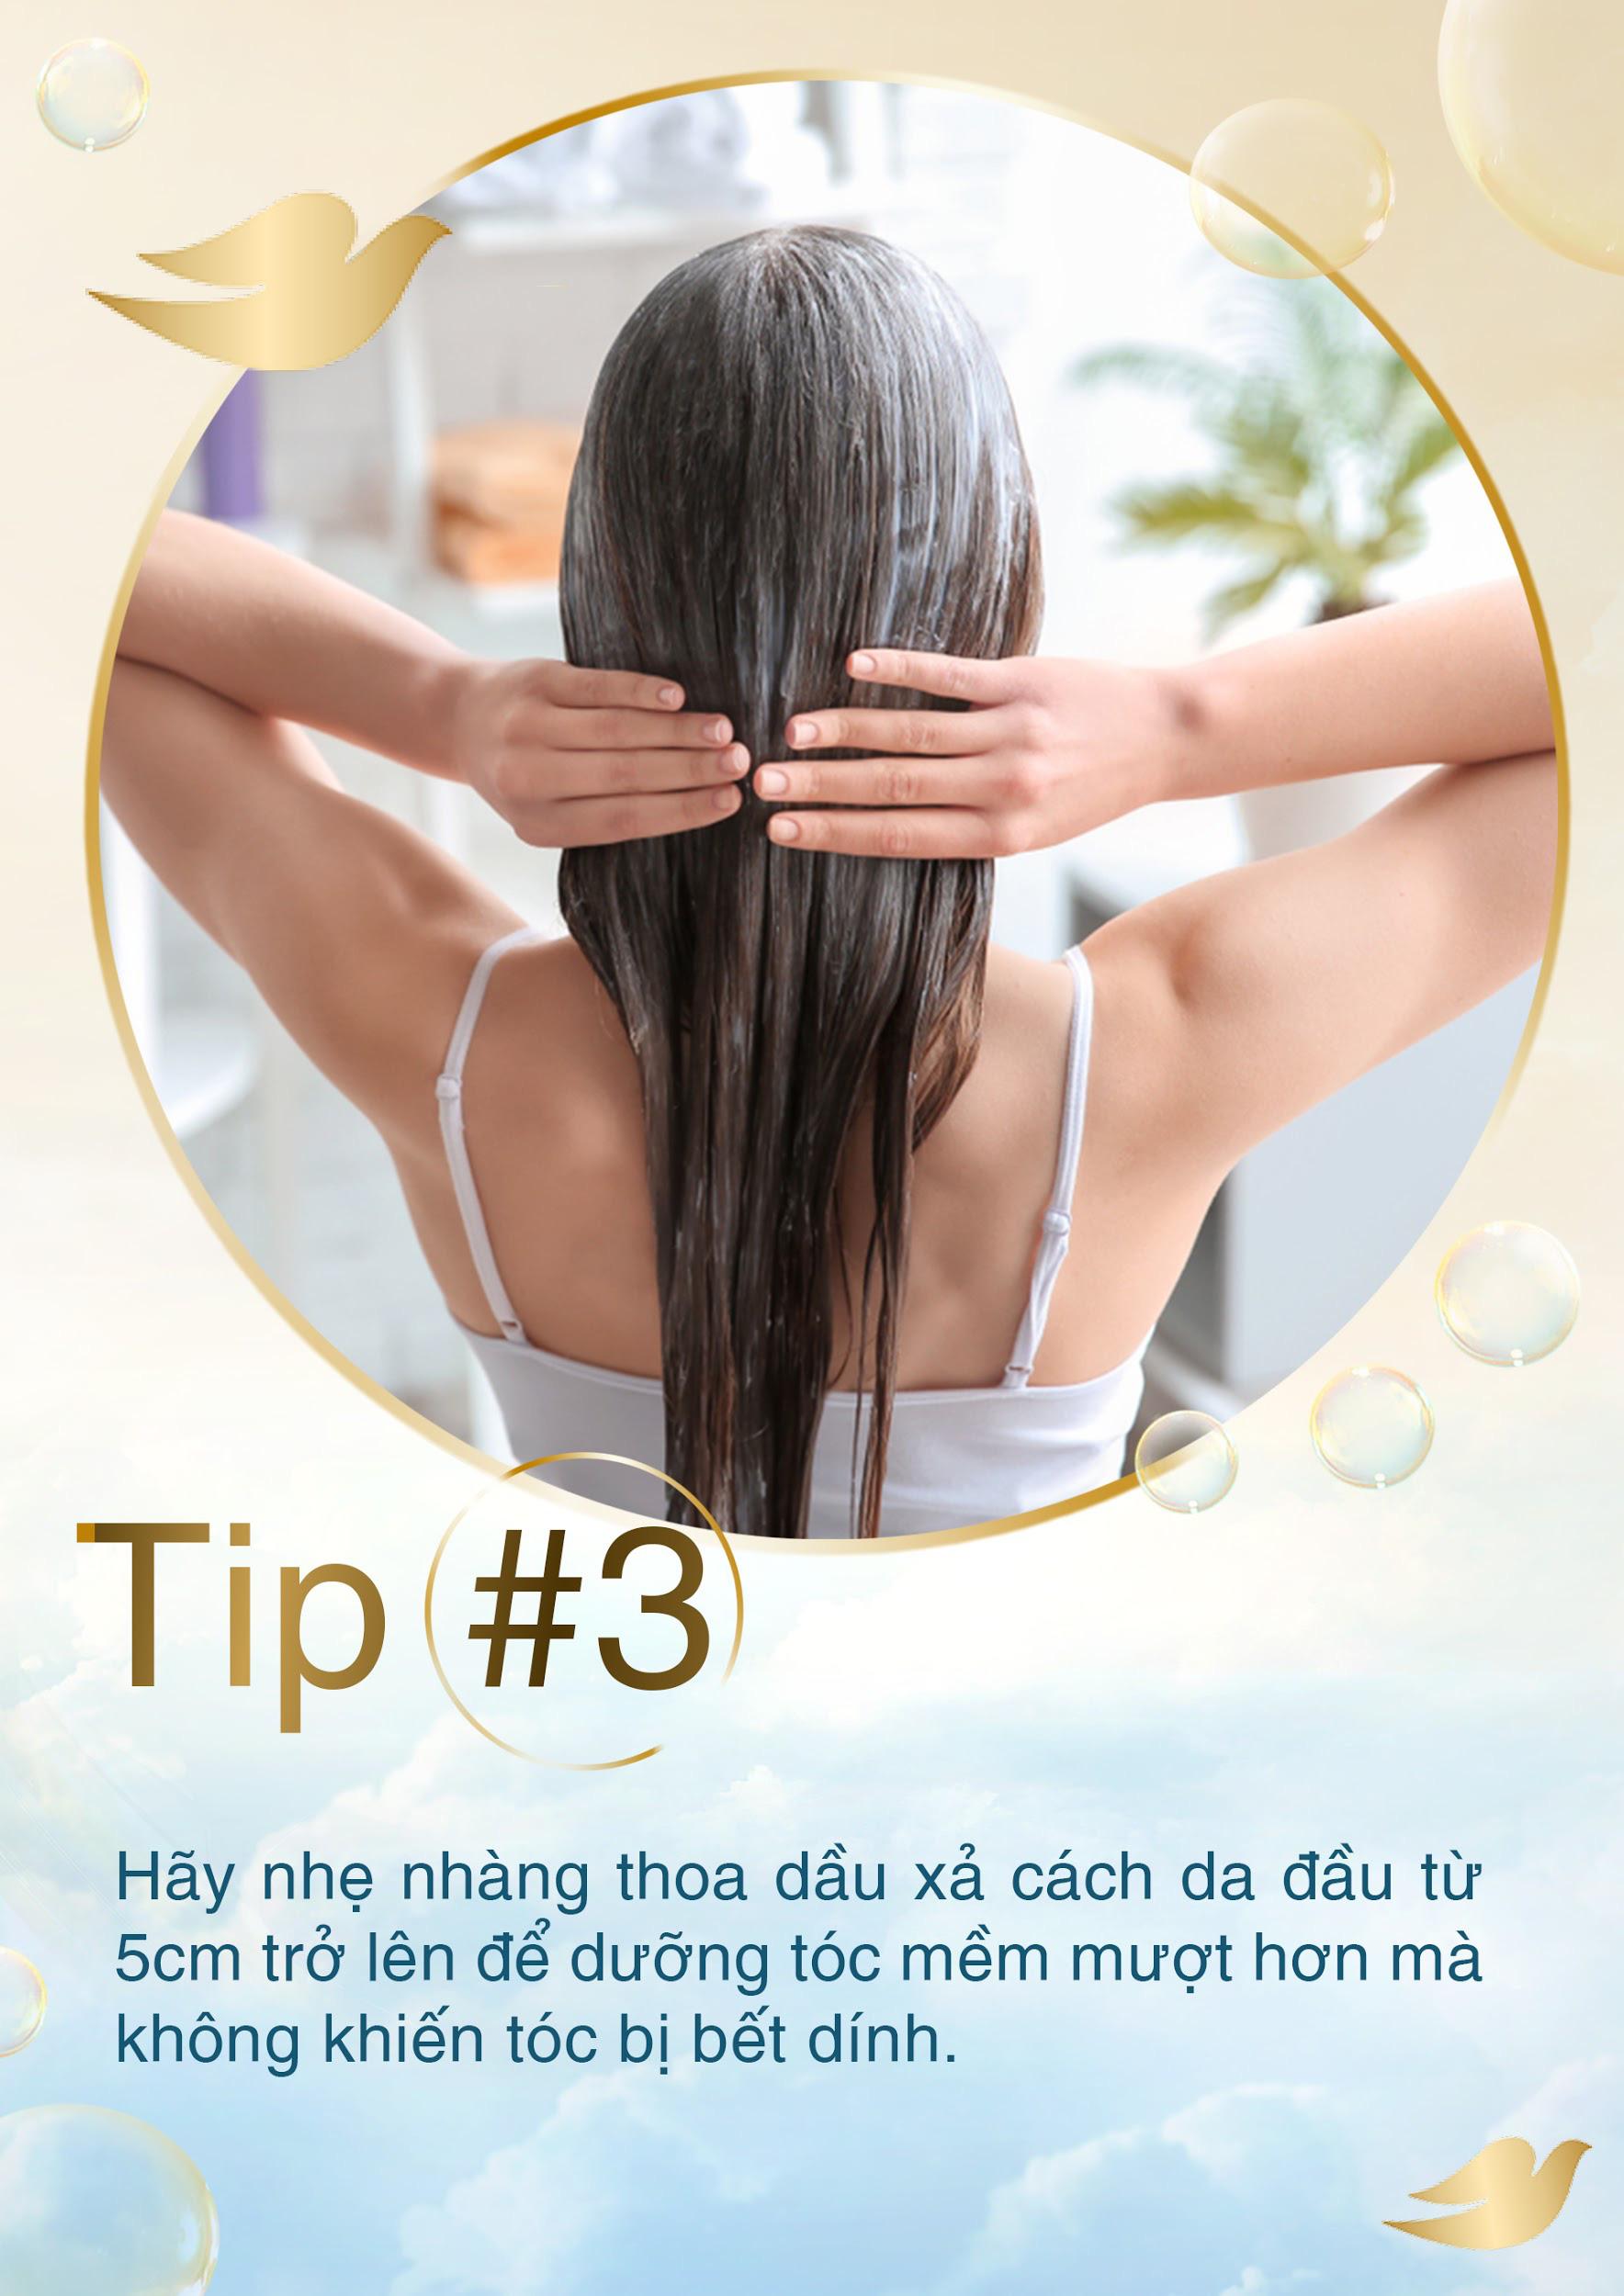 5 tuyệt chiêu khi gội đầu cho tóc thỏa sức bồng bềnh suốt mùa lễ hội - Ảnh 2.